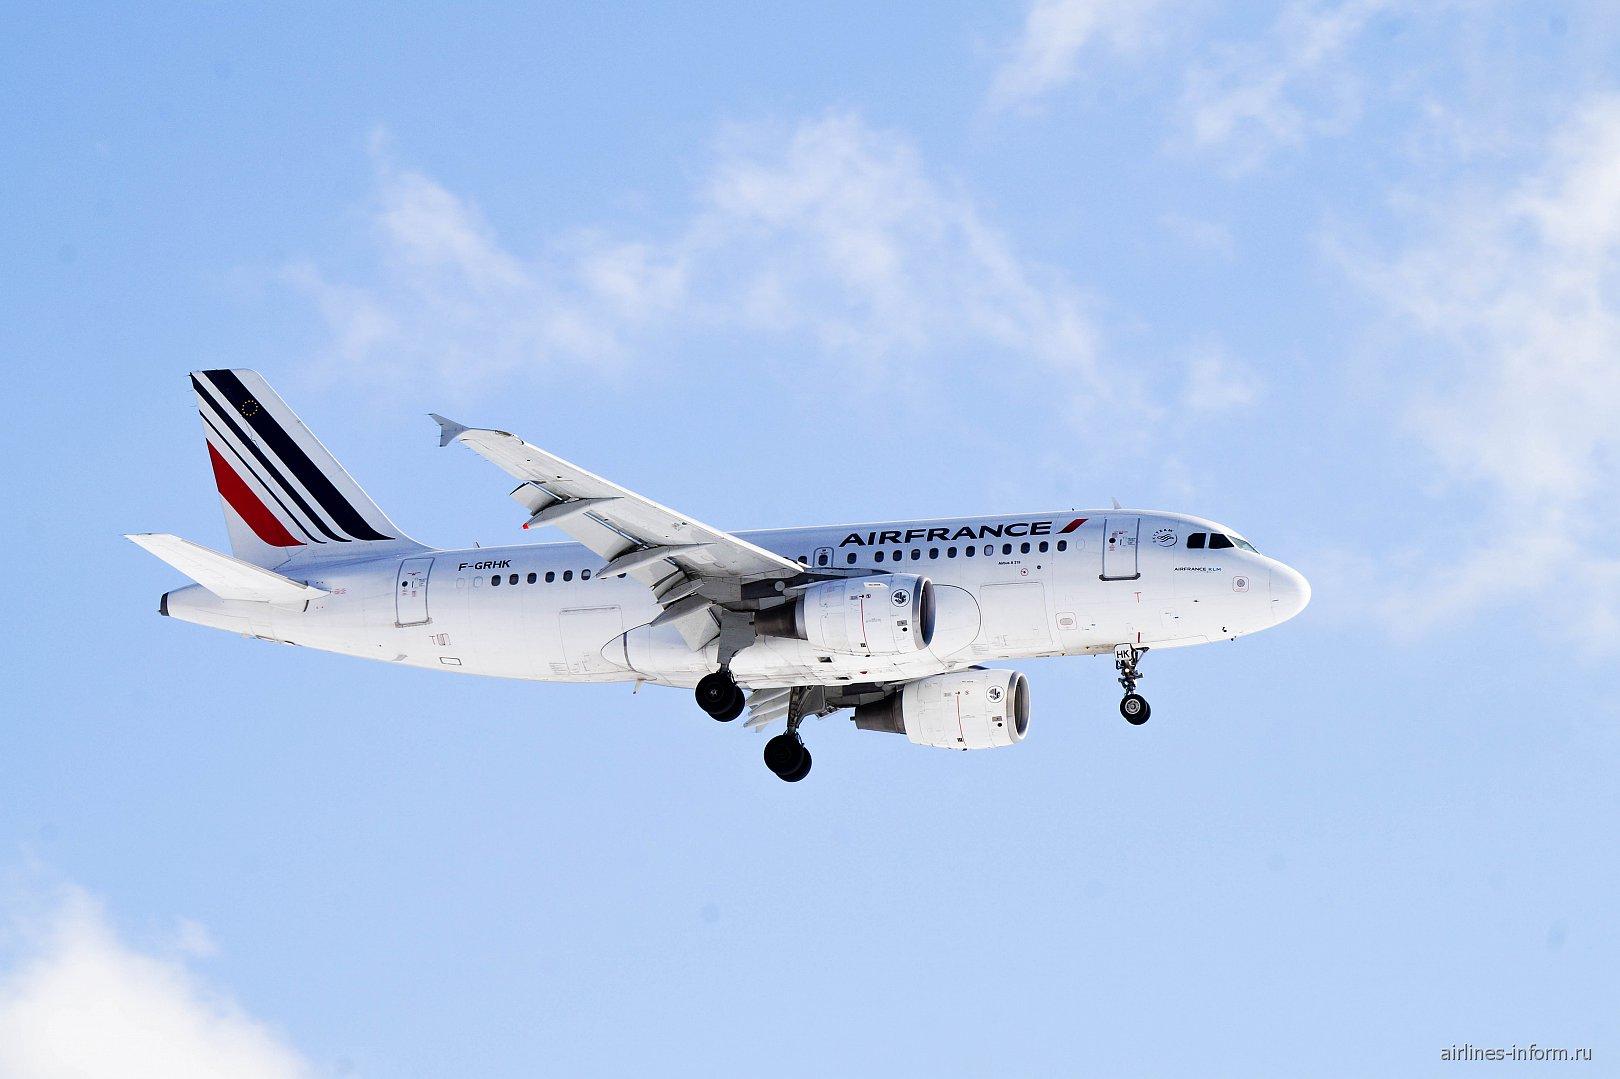 ������� Airbus A319 F-GRHK ������������ Air France